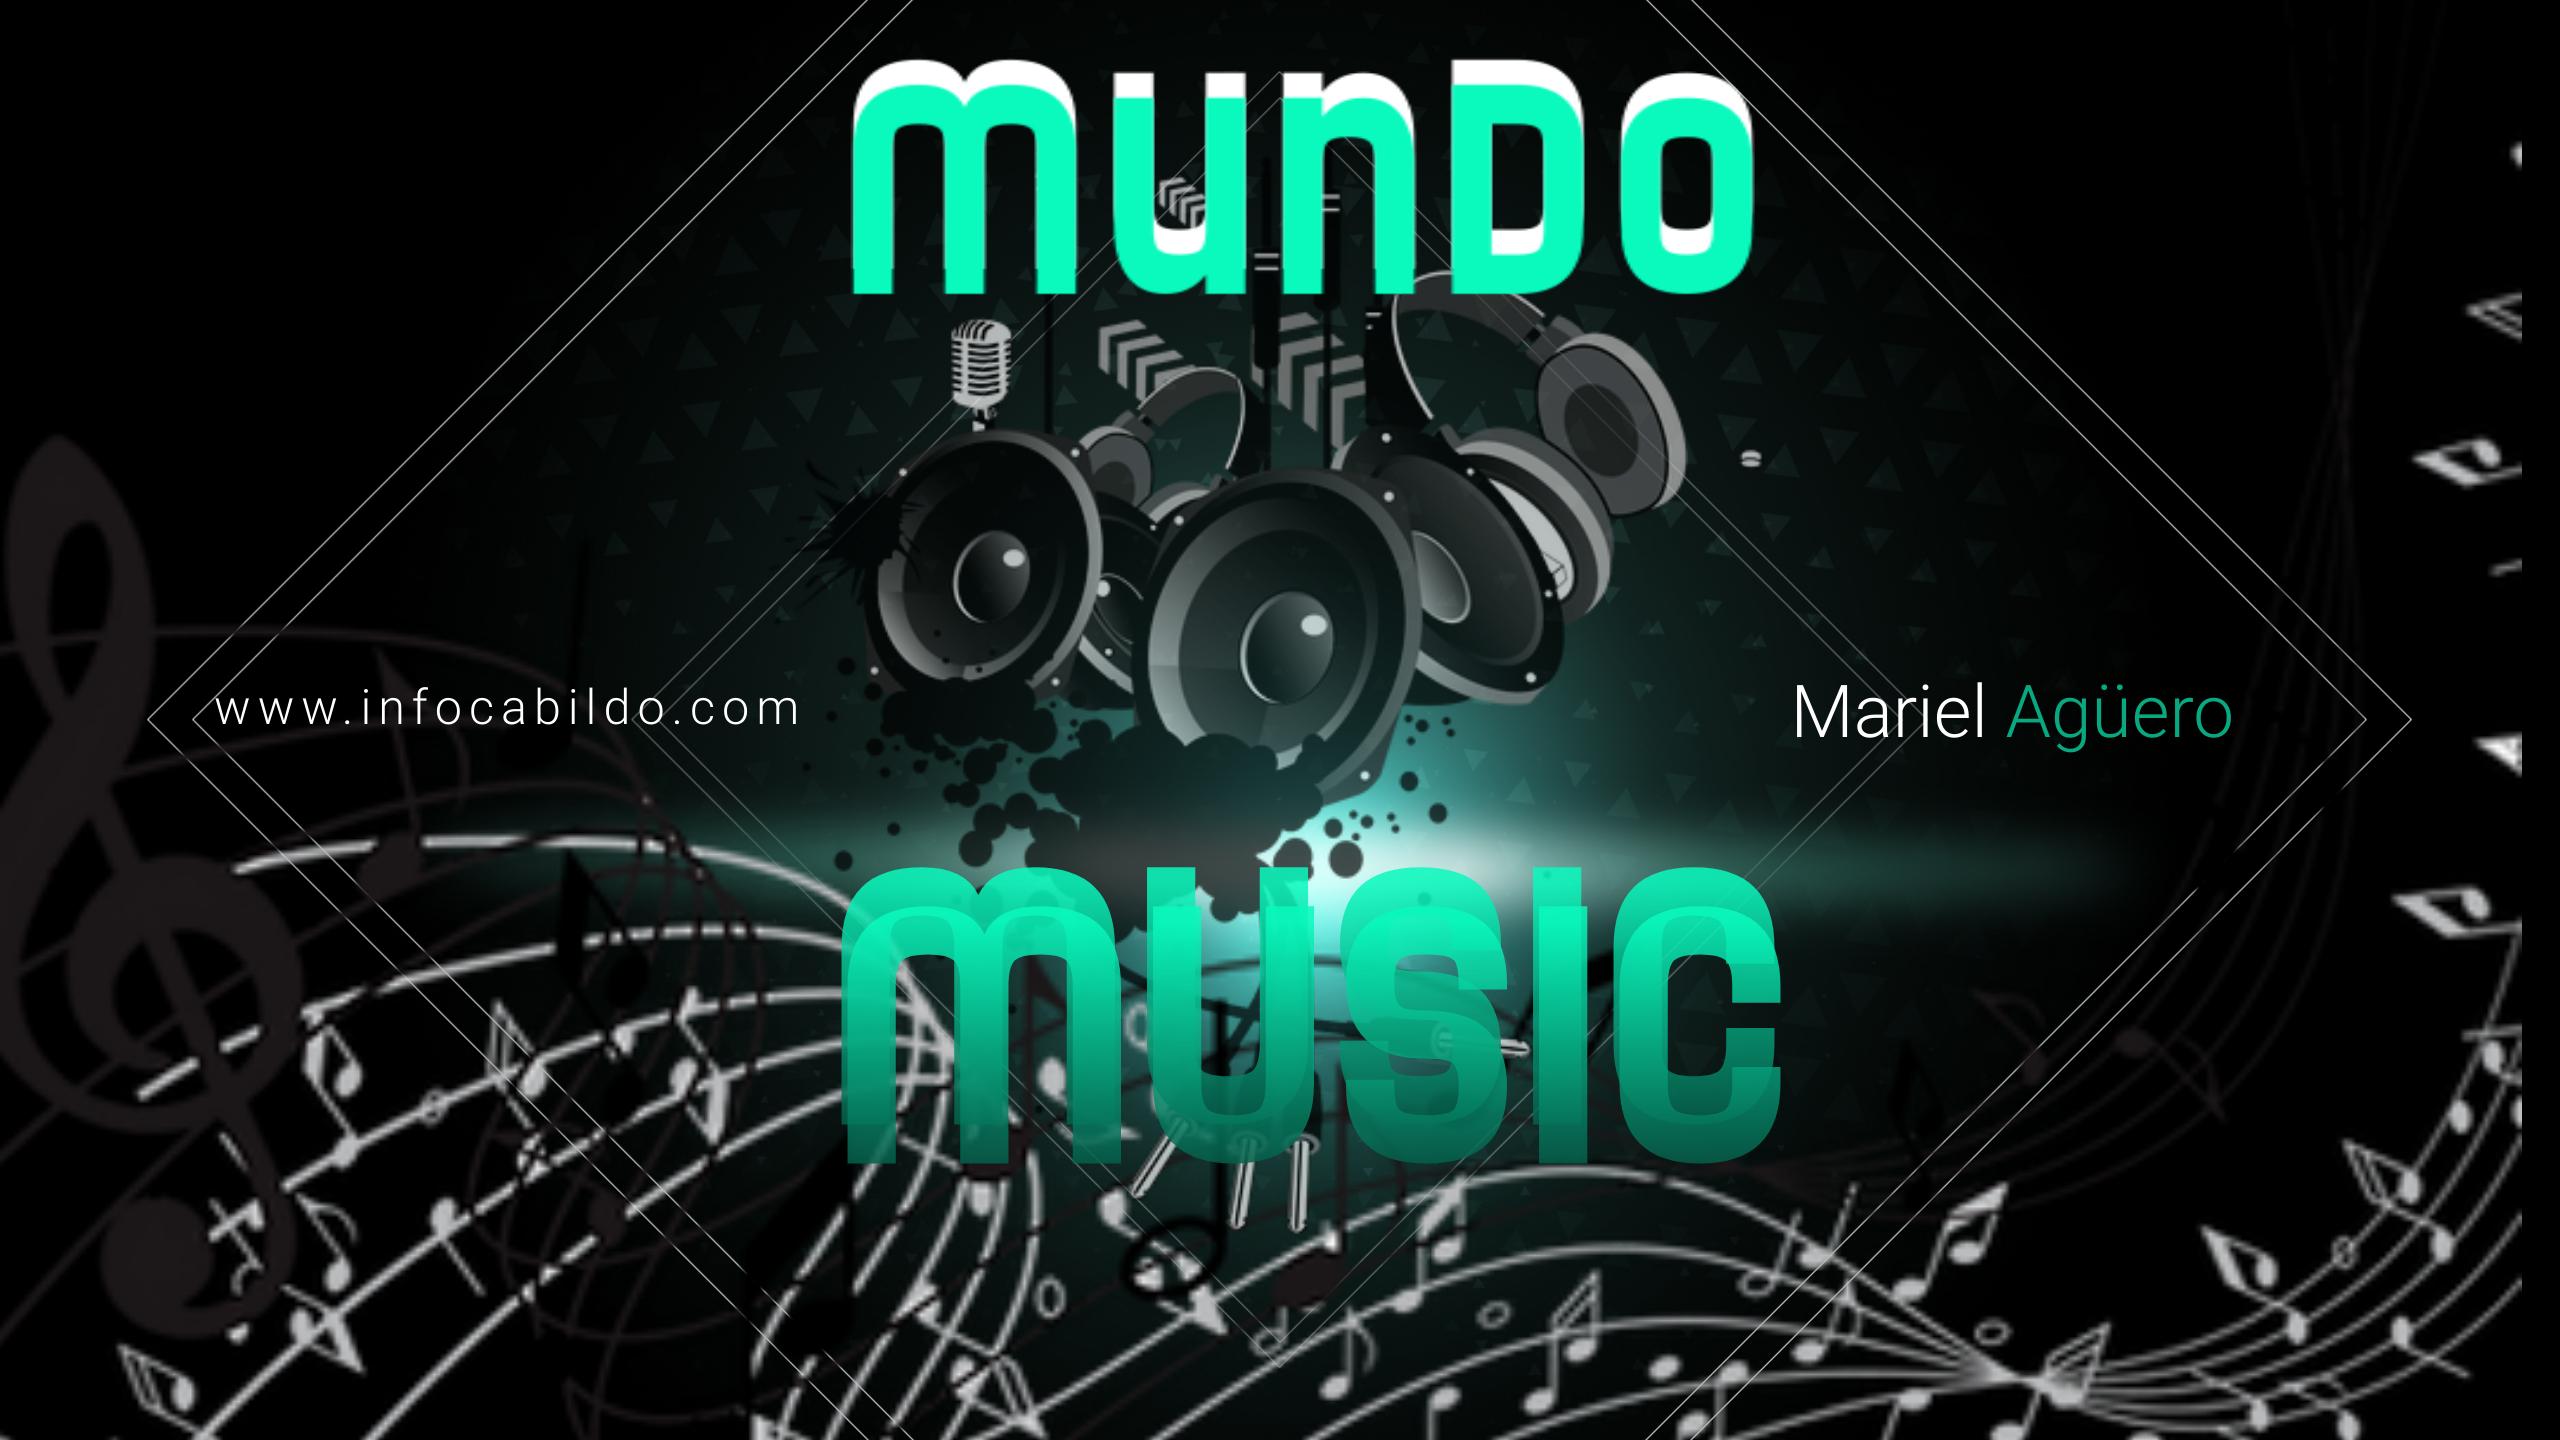 Mundo Music